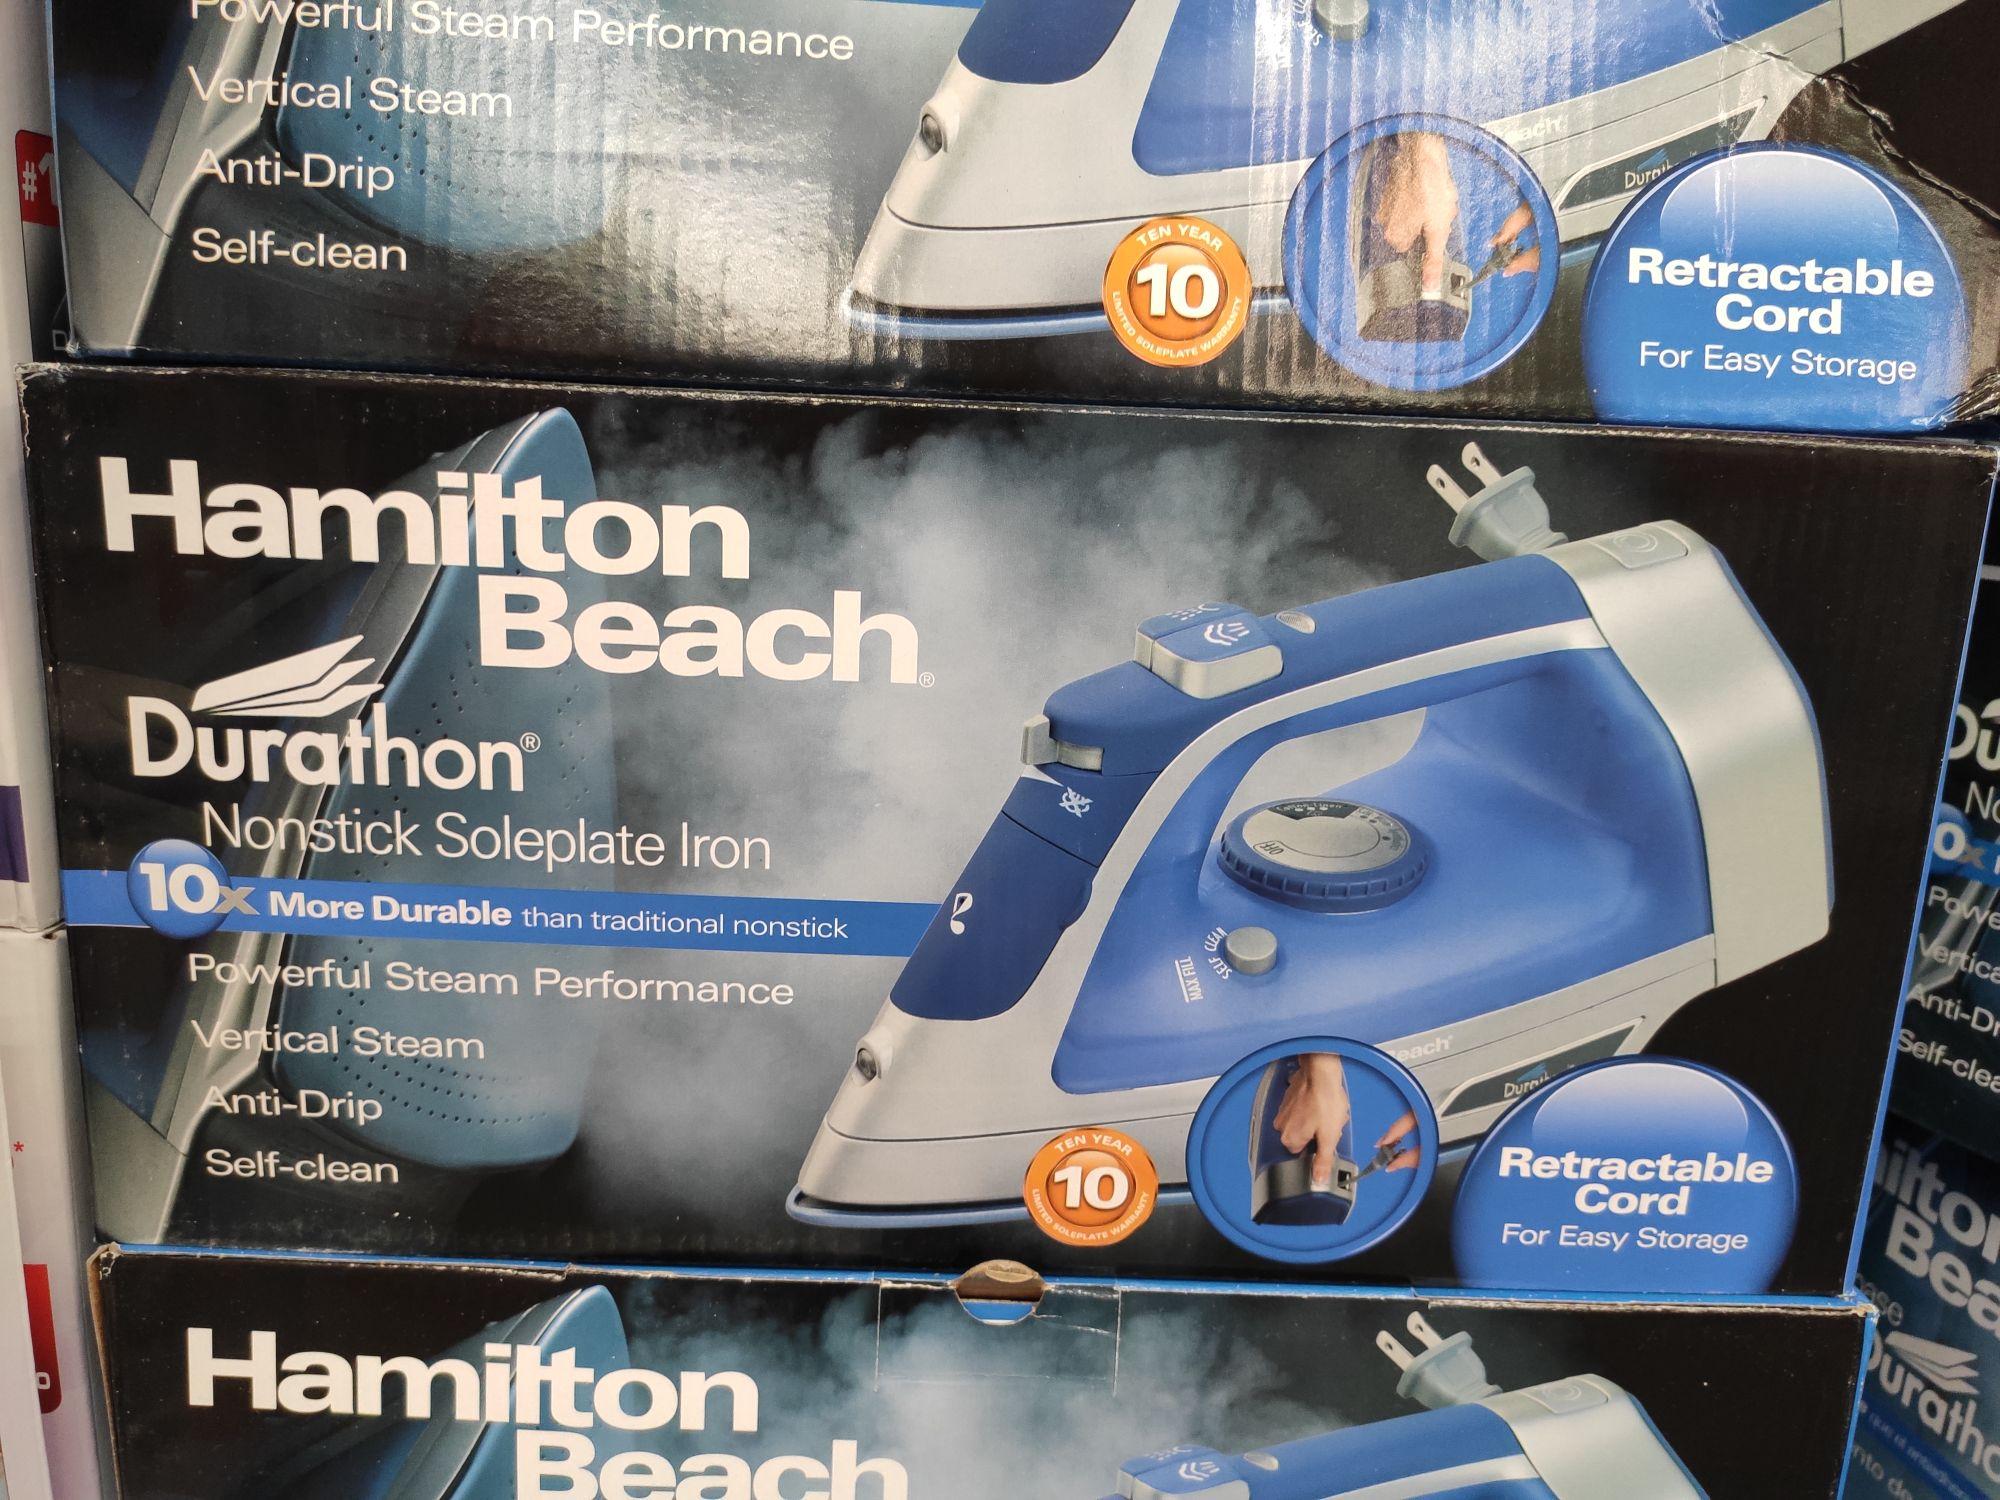 Sam's club: Plancha de vapor Hamilton Beach y ganchos para ropa